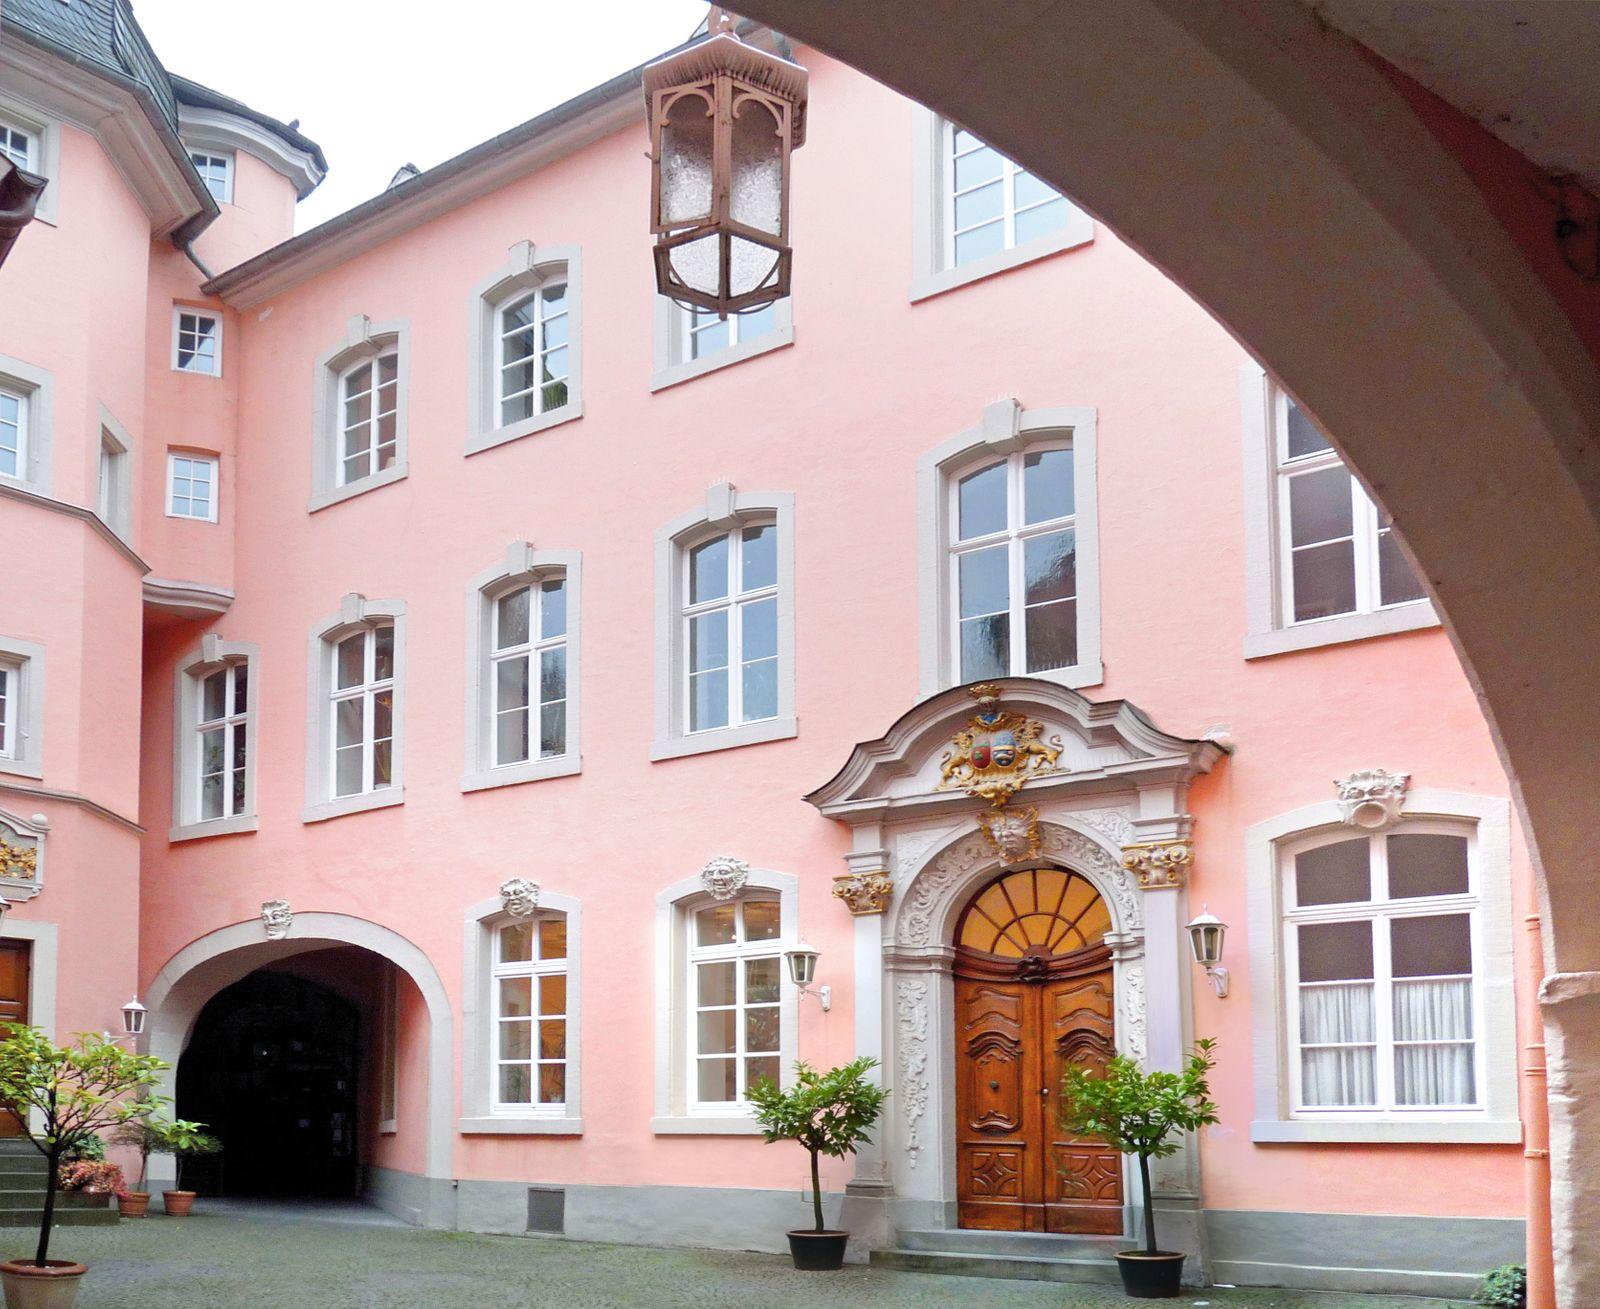 Pillishof Firmensitz Bernard-Massard